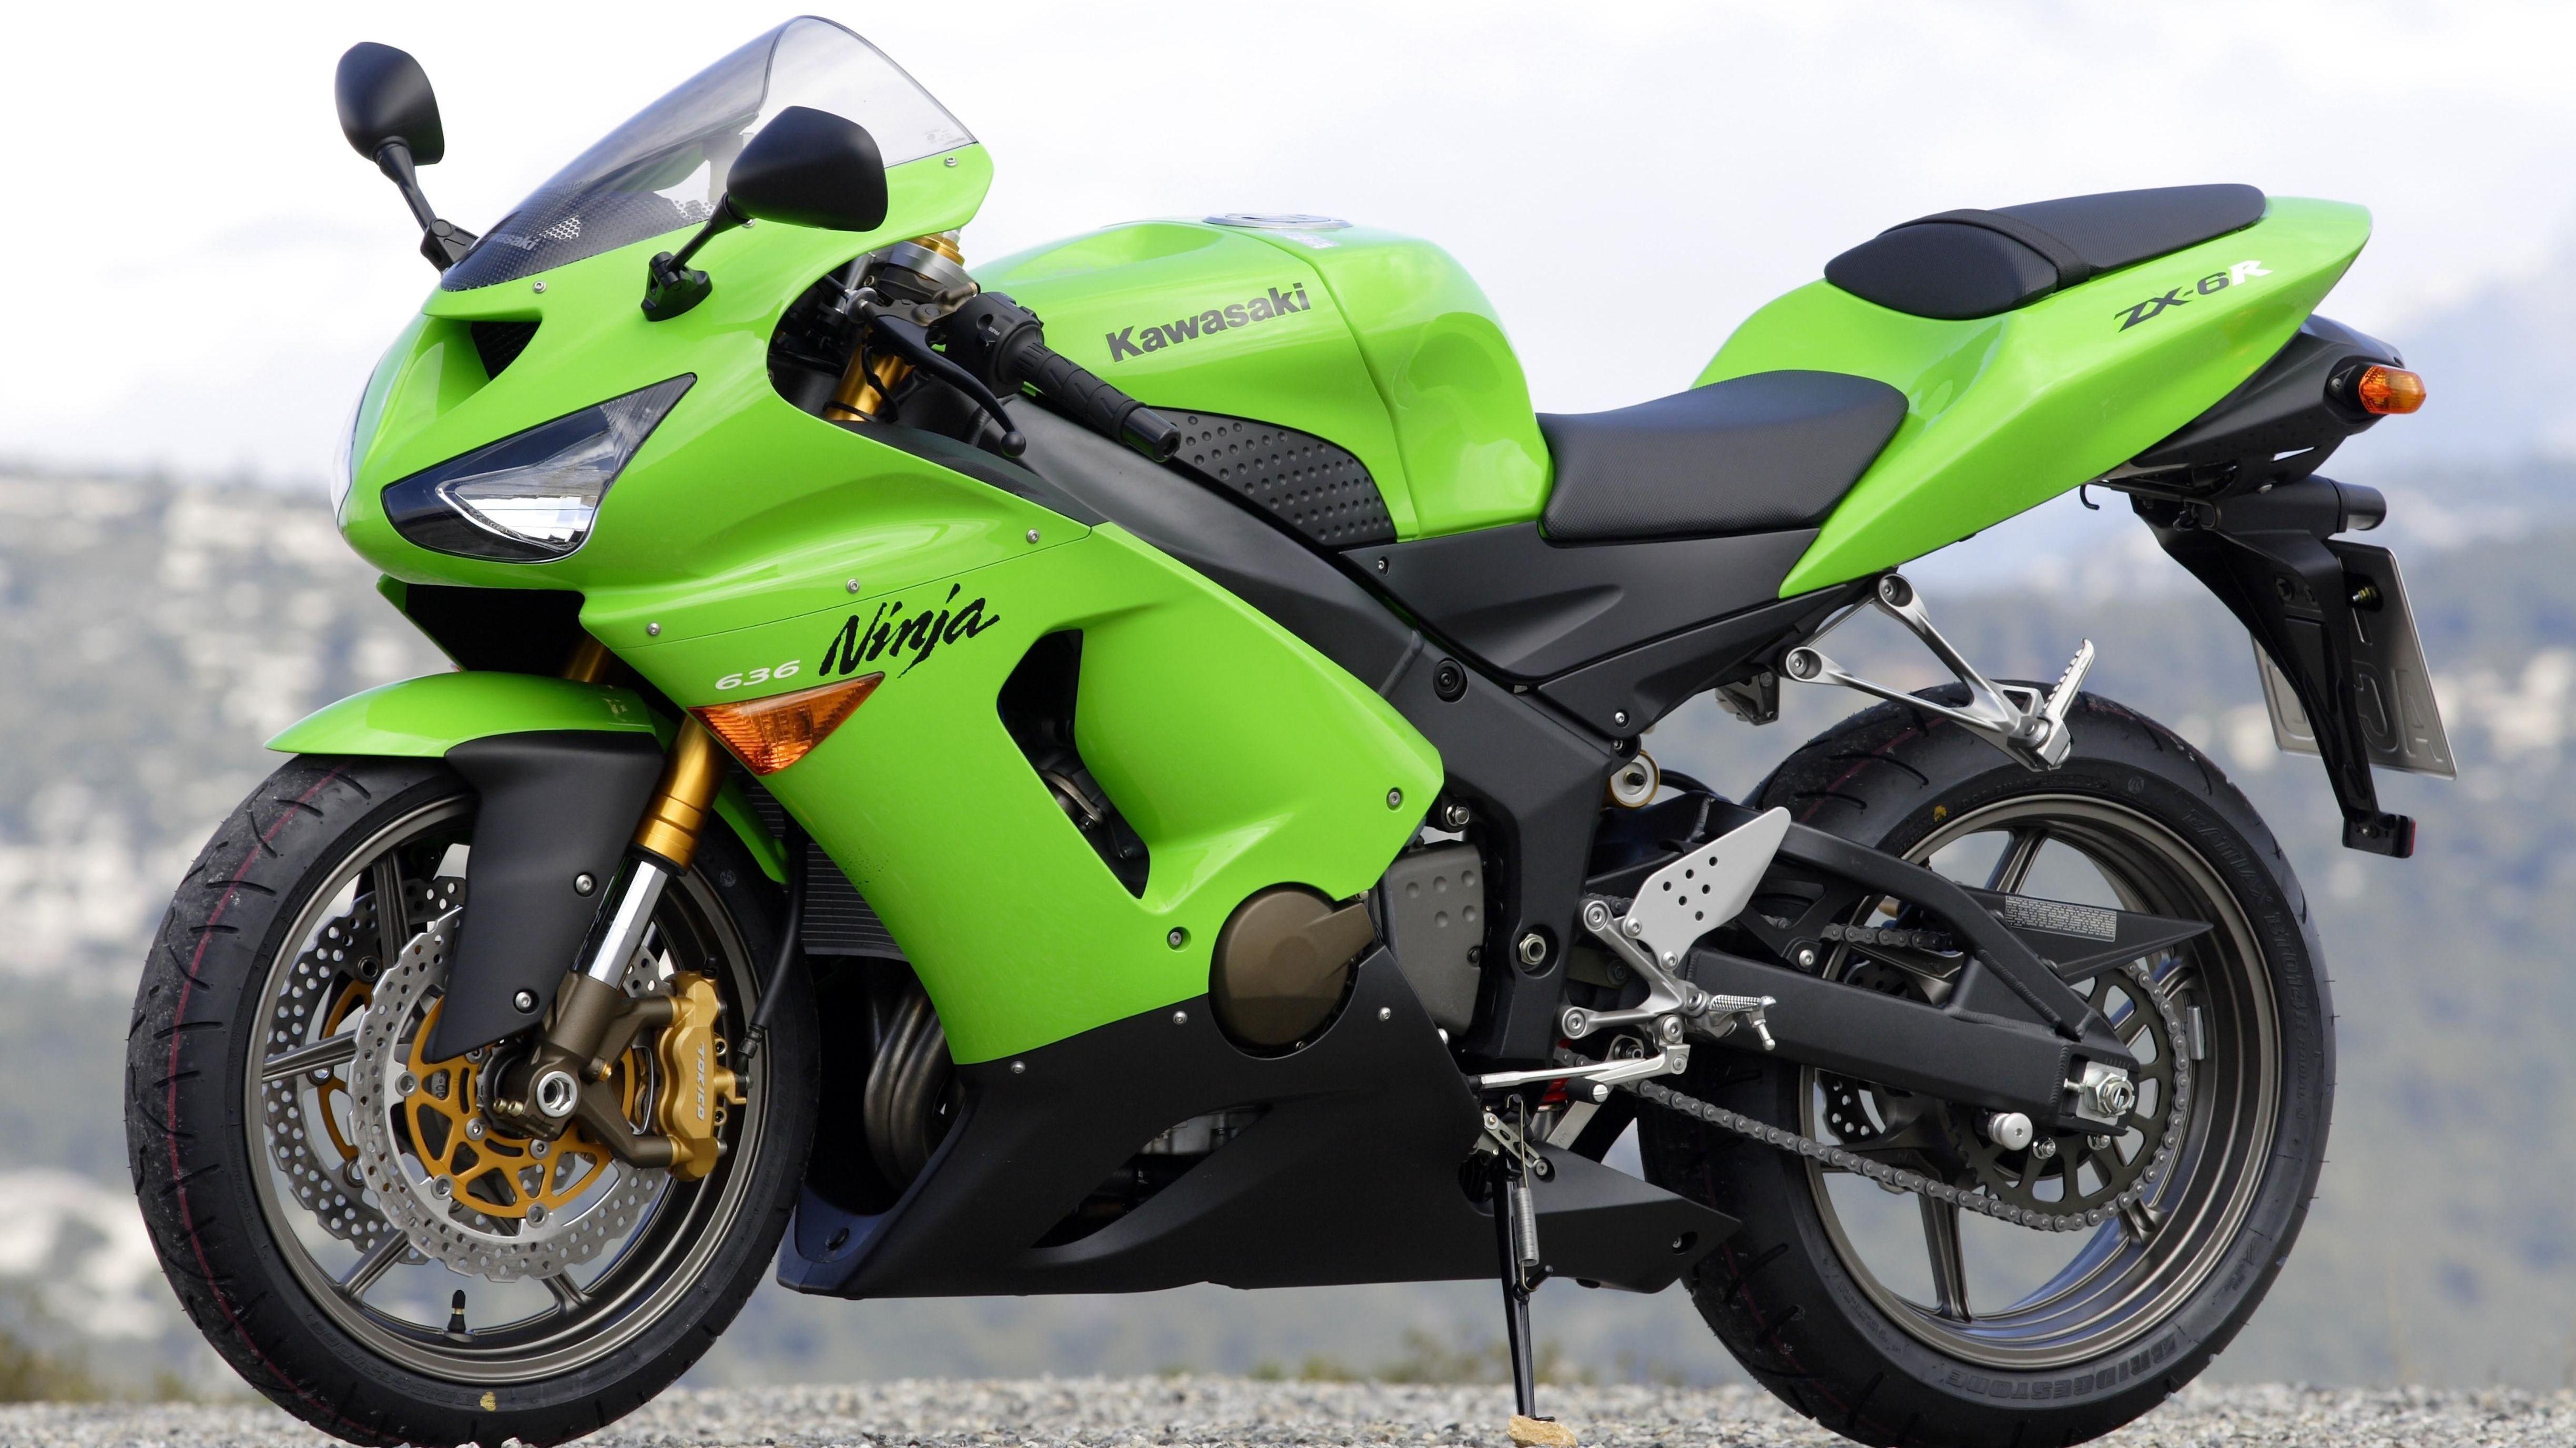 Auf einem ähnlichen Motorrad-Modell ist der Unbekannte geflohen